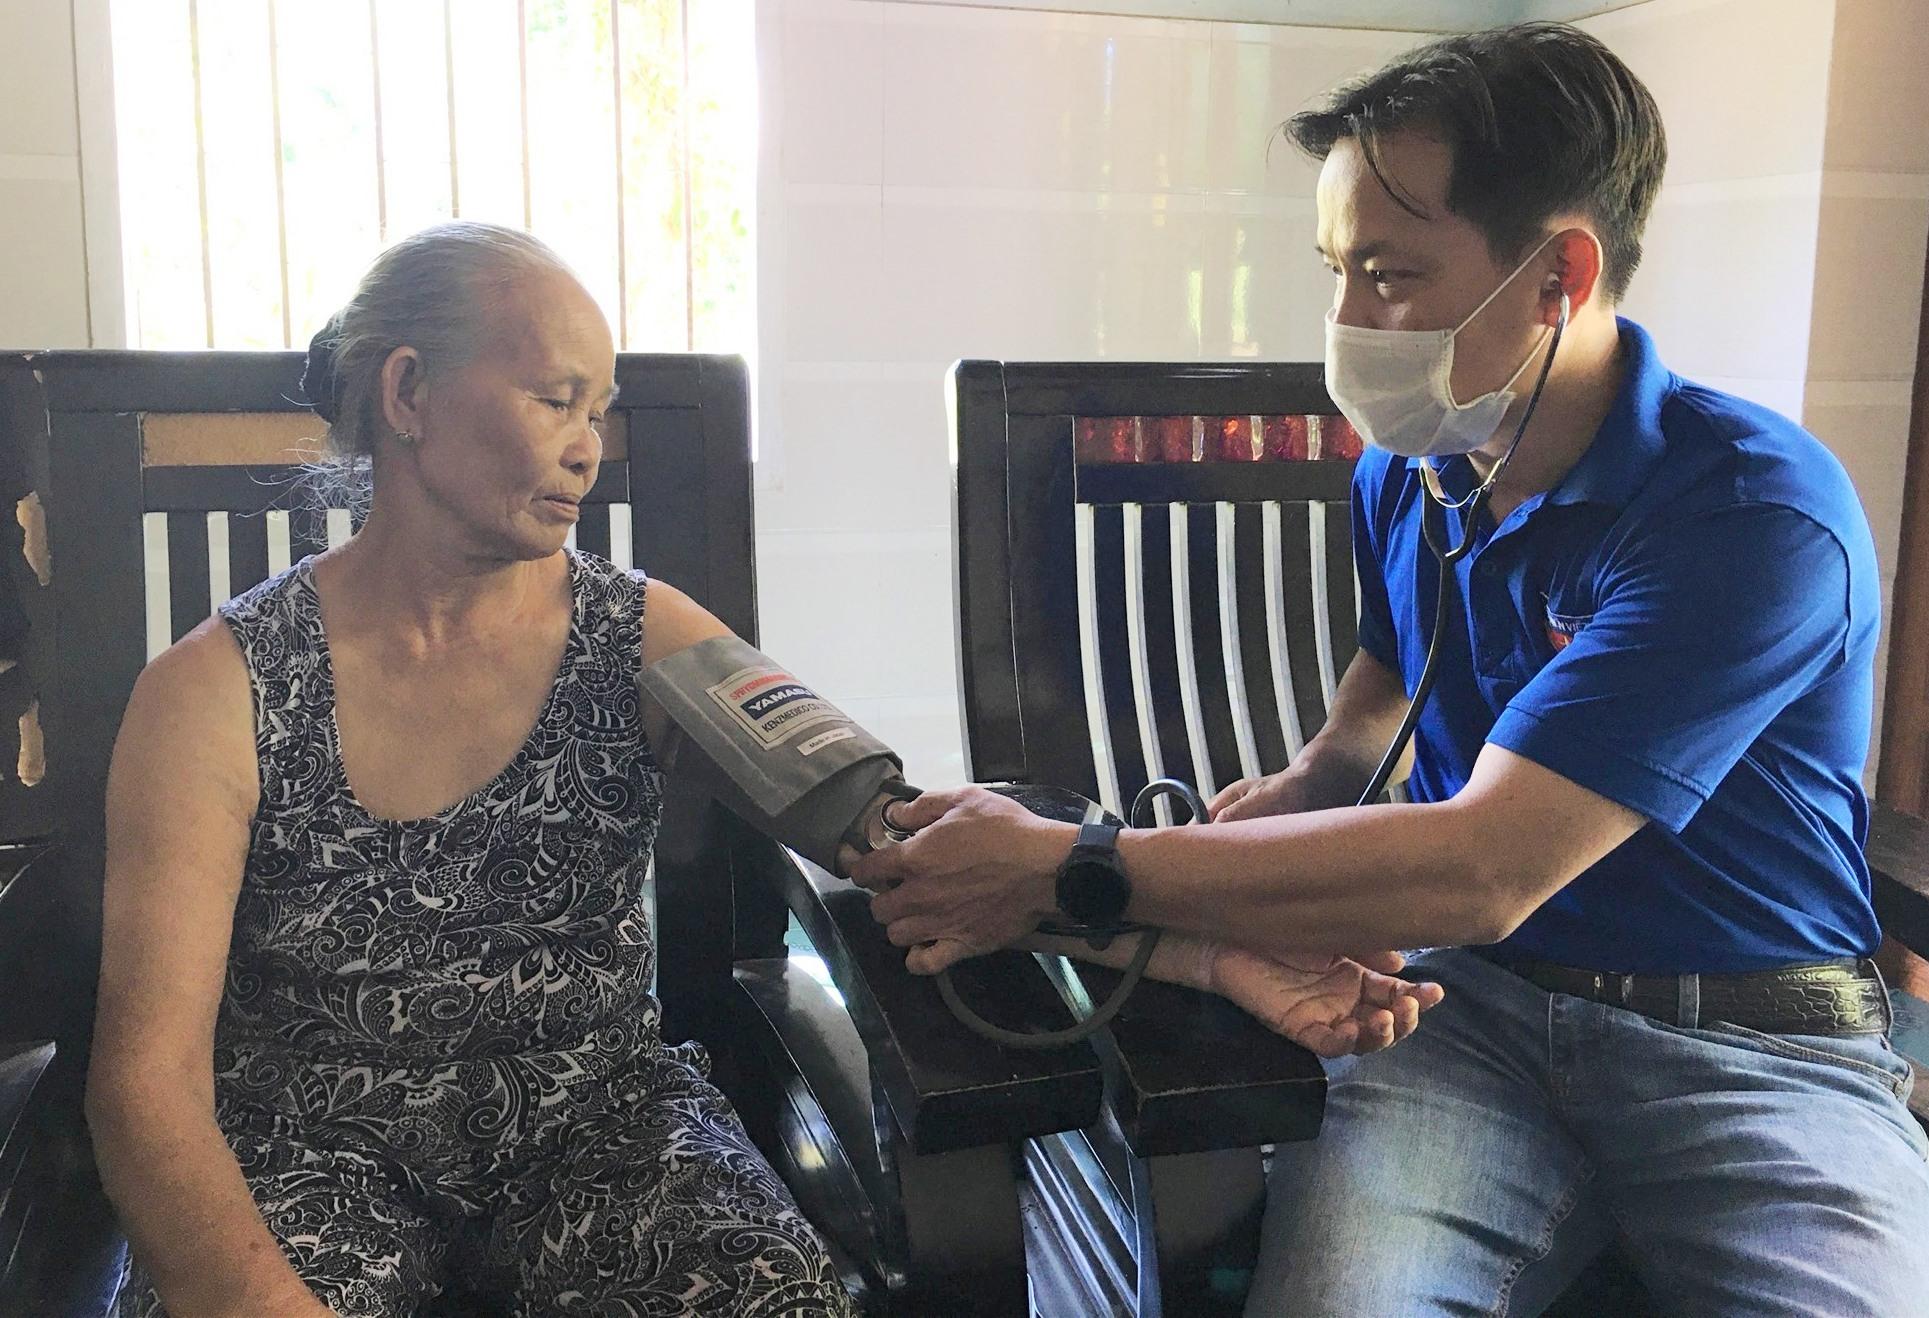 Tổ chức khám phát thuốc miễn phí tại nhà cho các gia đình chính sách . Ảnh: HẢI CHẤU